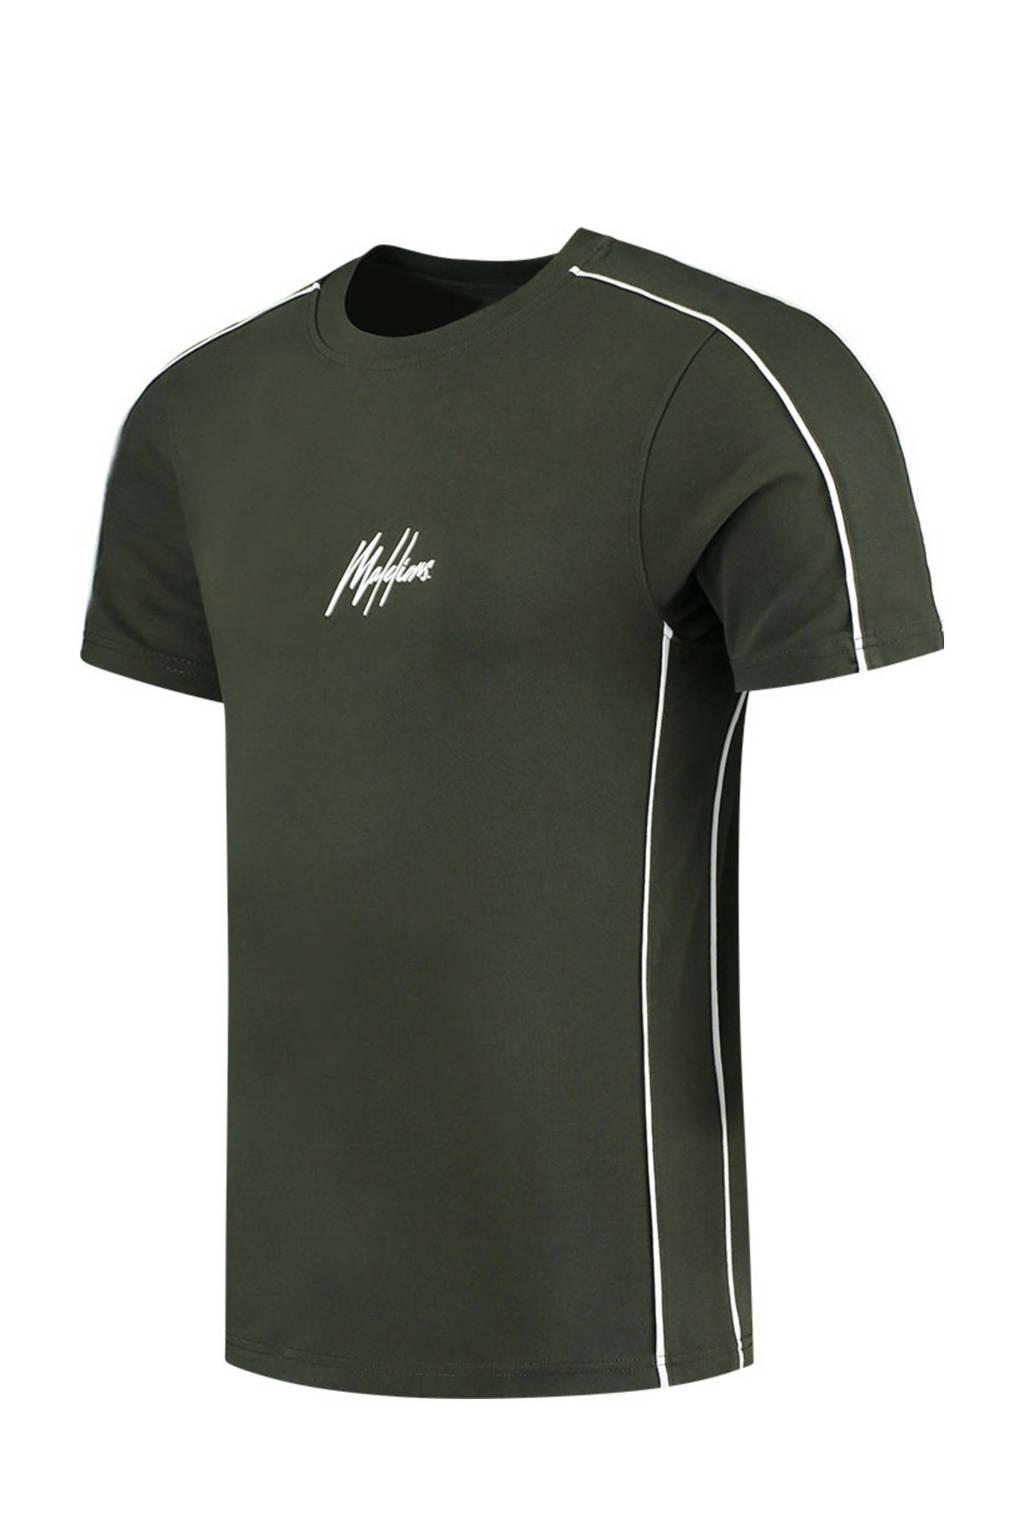 Malelions T-shirt donkergroen, Donkergroen